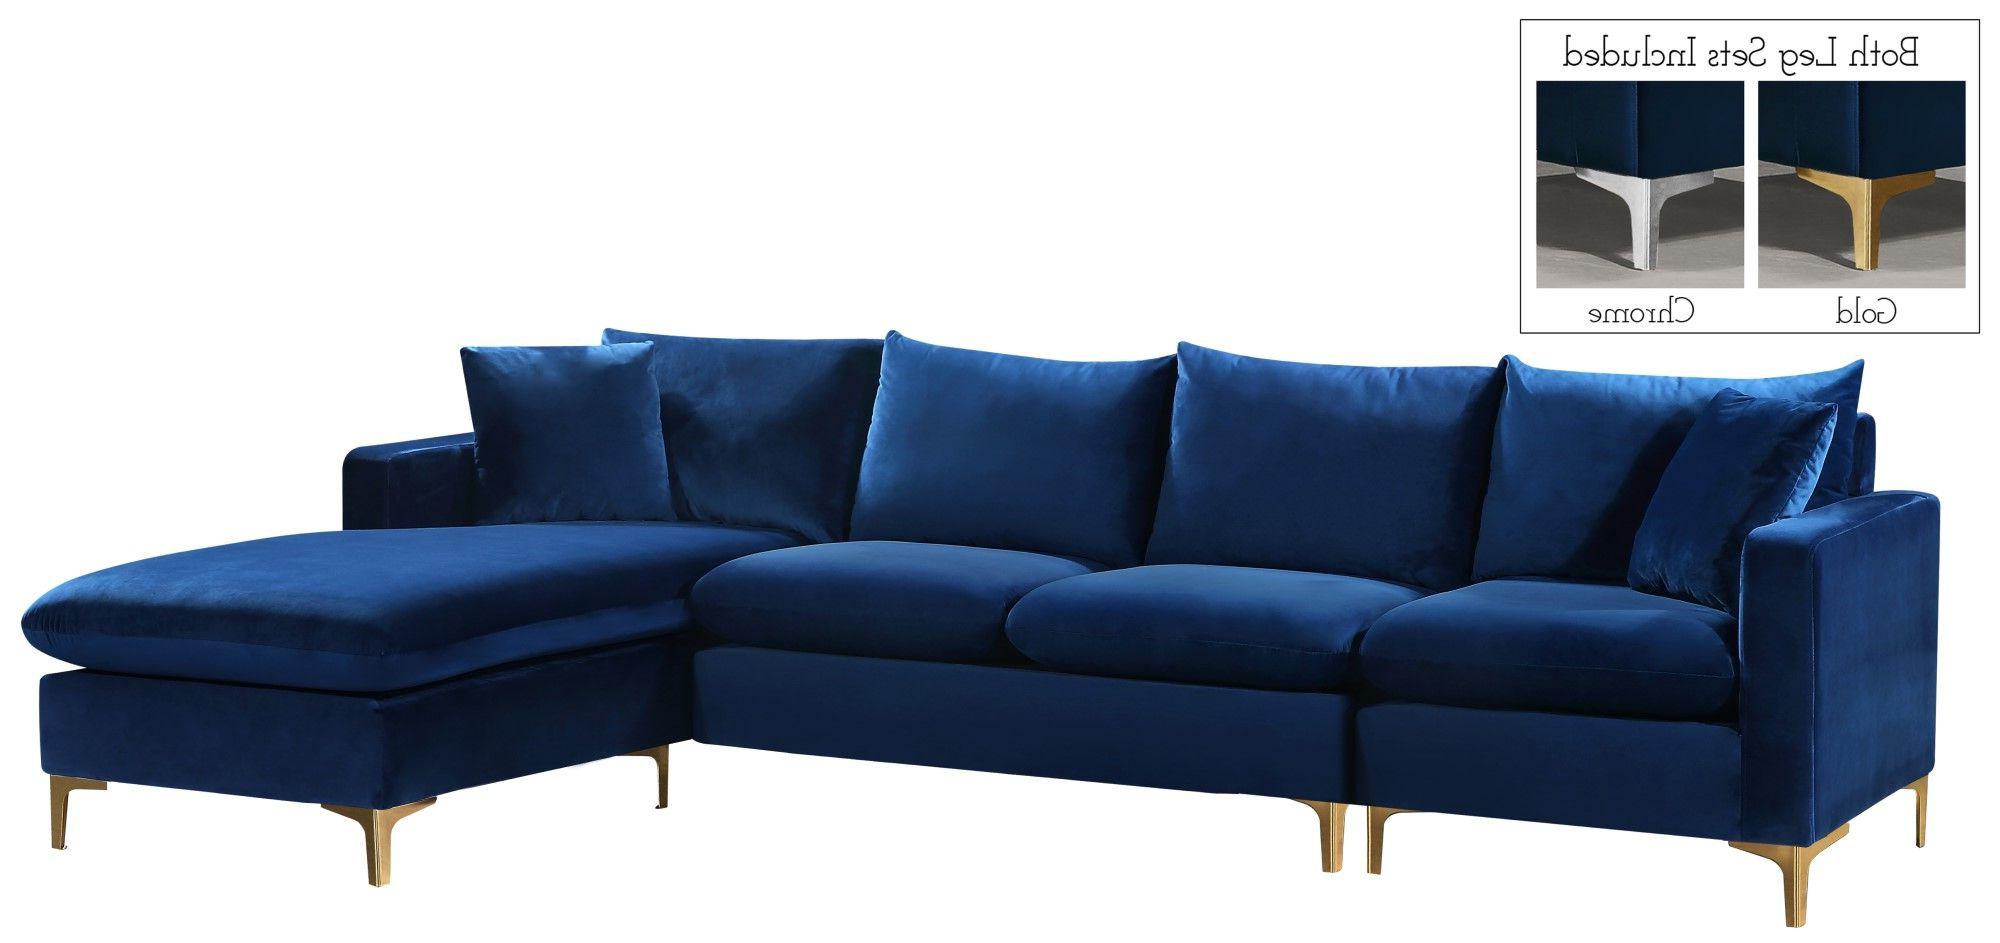 French Seamed Sectional Sofas In Velvet In Well Known Selene Contemporary Plush Navy Blue Velvet Sectional Sofa (View 15 of 20)